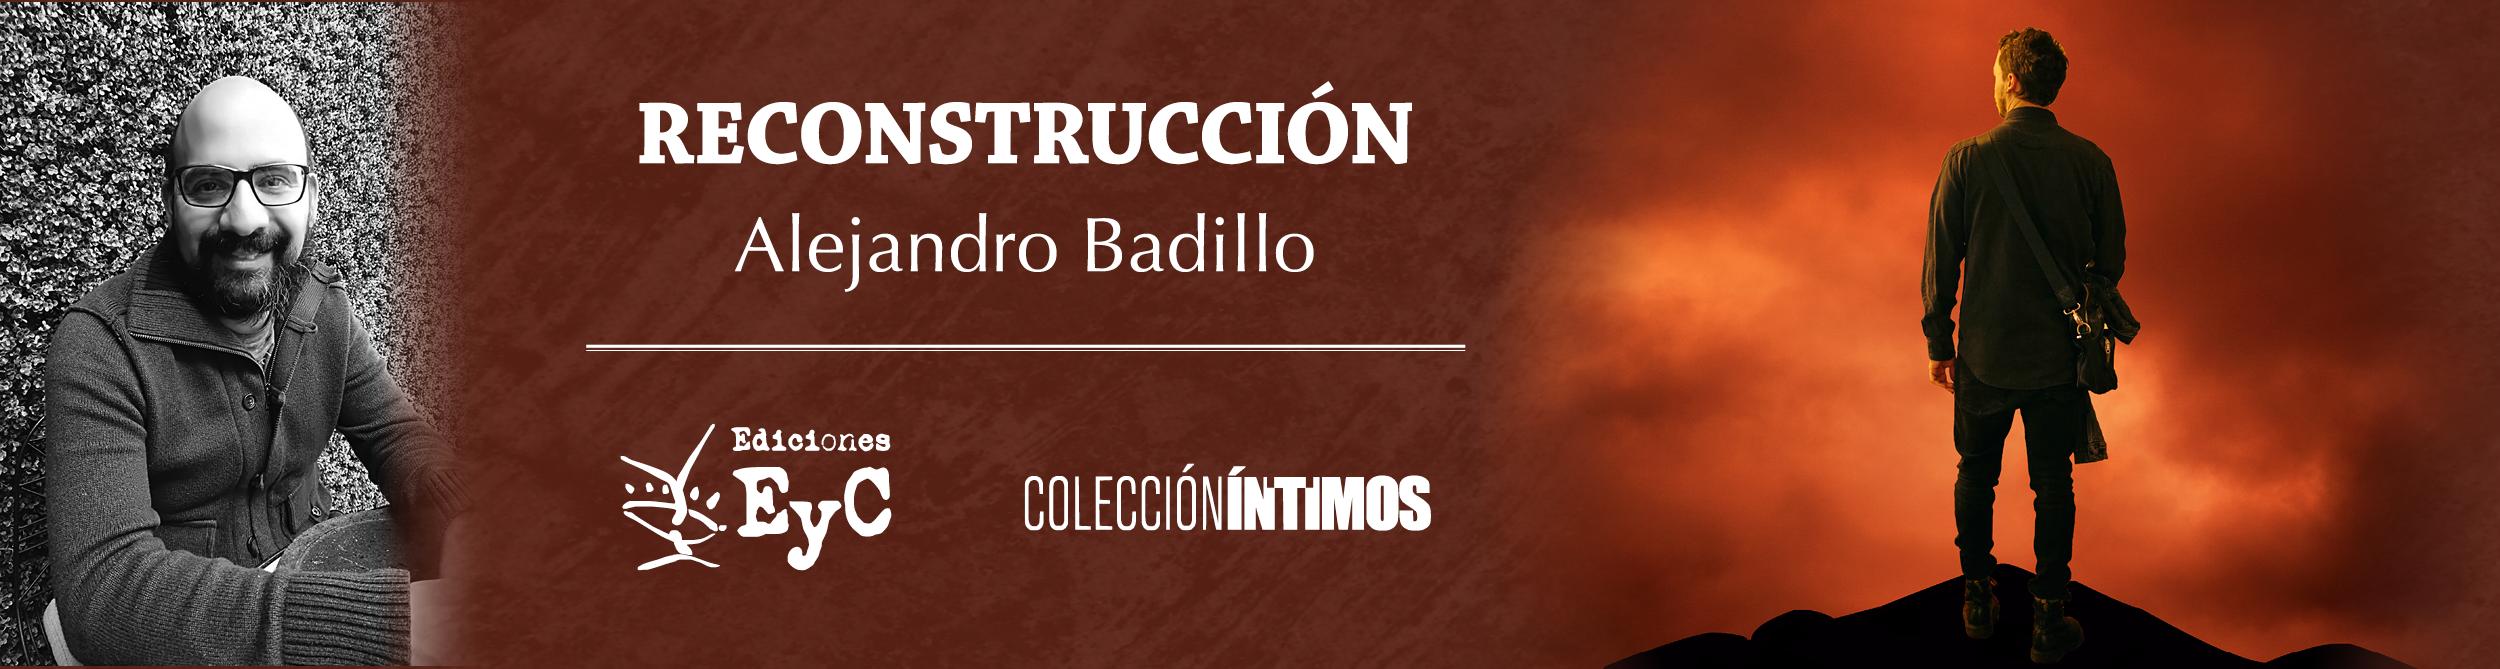 Promoción Reconstrucción de A Badillo